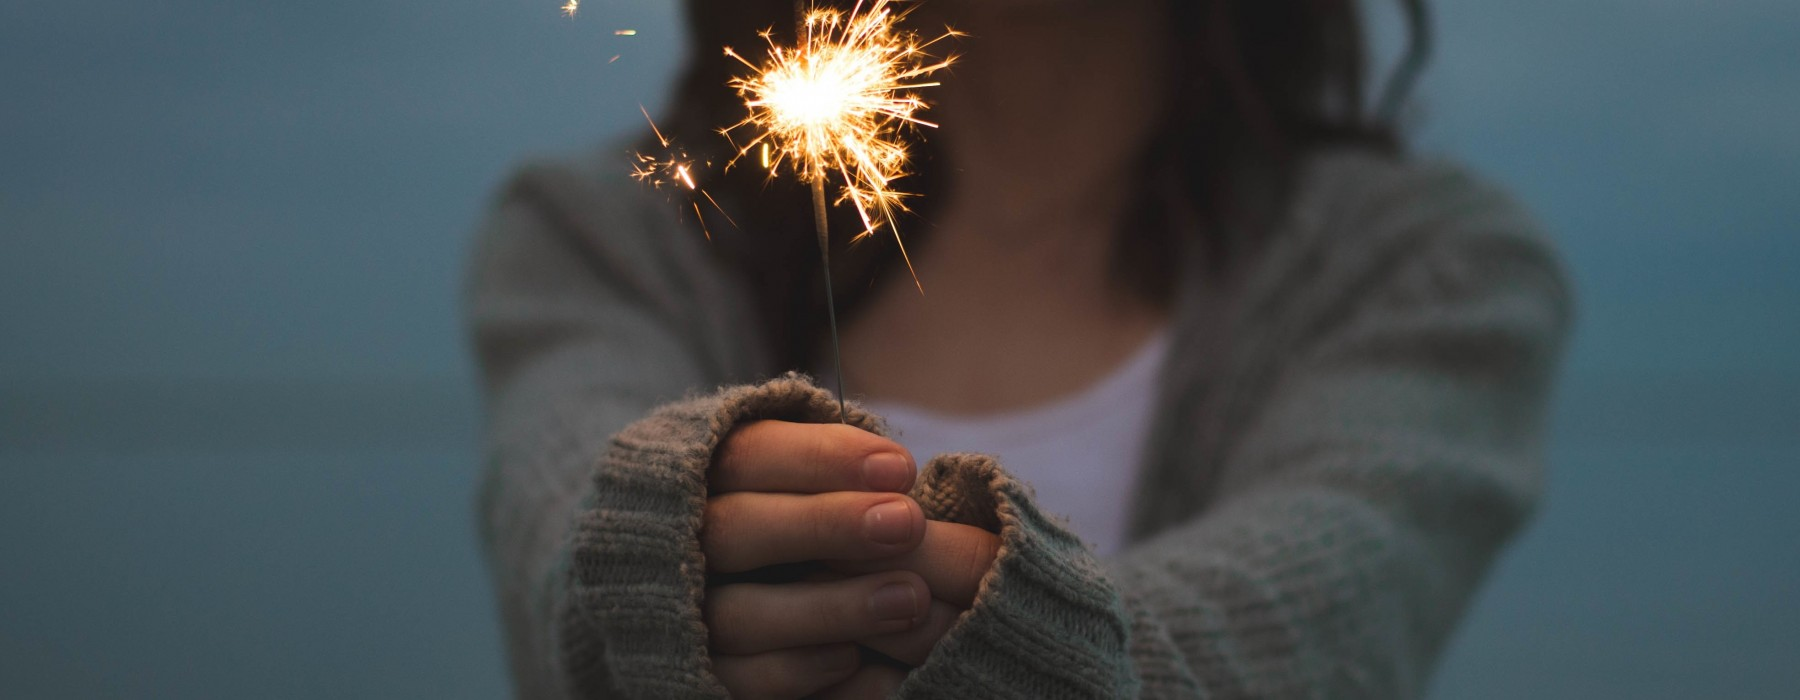 W tym roku bądź dla siebie dobra